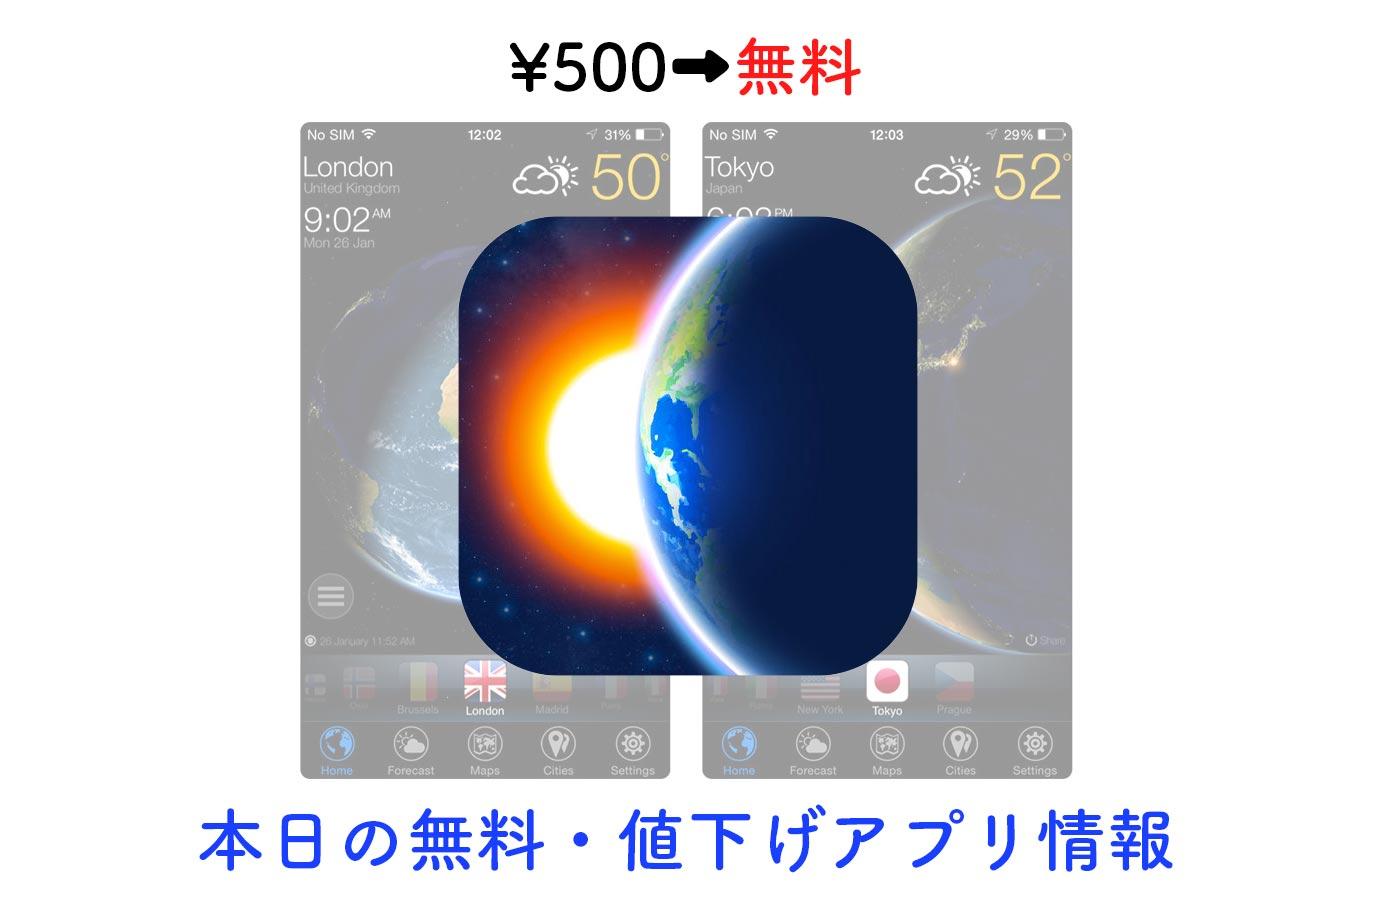 ¥500→無料、3Dの美しい地球と天気予報が表示される「3D地球天気ウィジェット」など【1/23】本日の無料・値下げアプリ情報